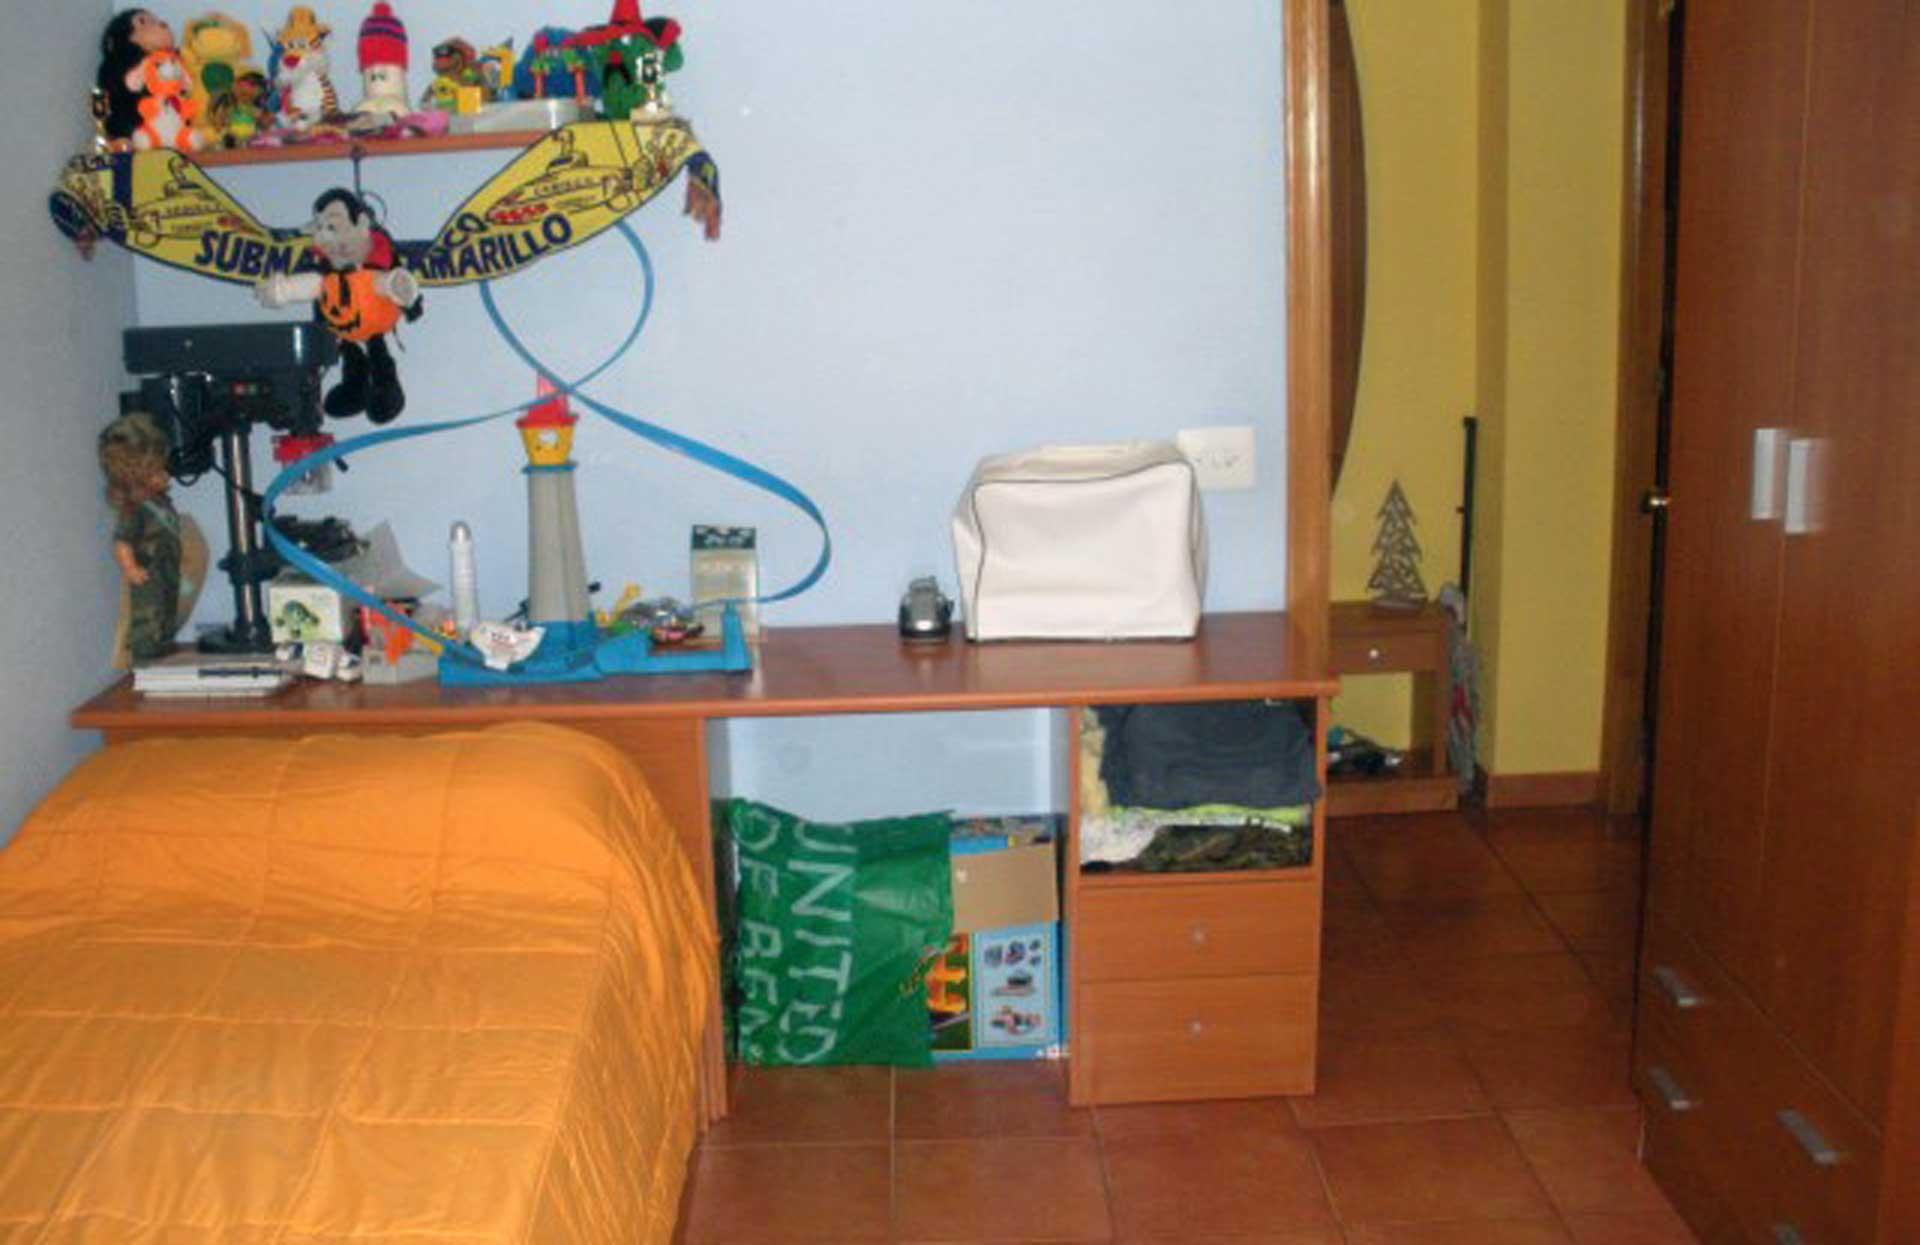 Piso en venta totalmente REFORMADO en Burriana (Castellón) zona BOSCA